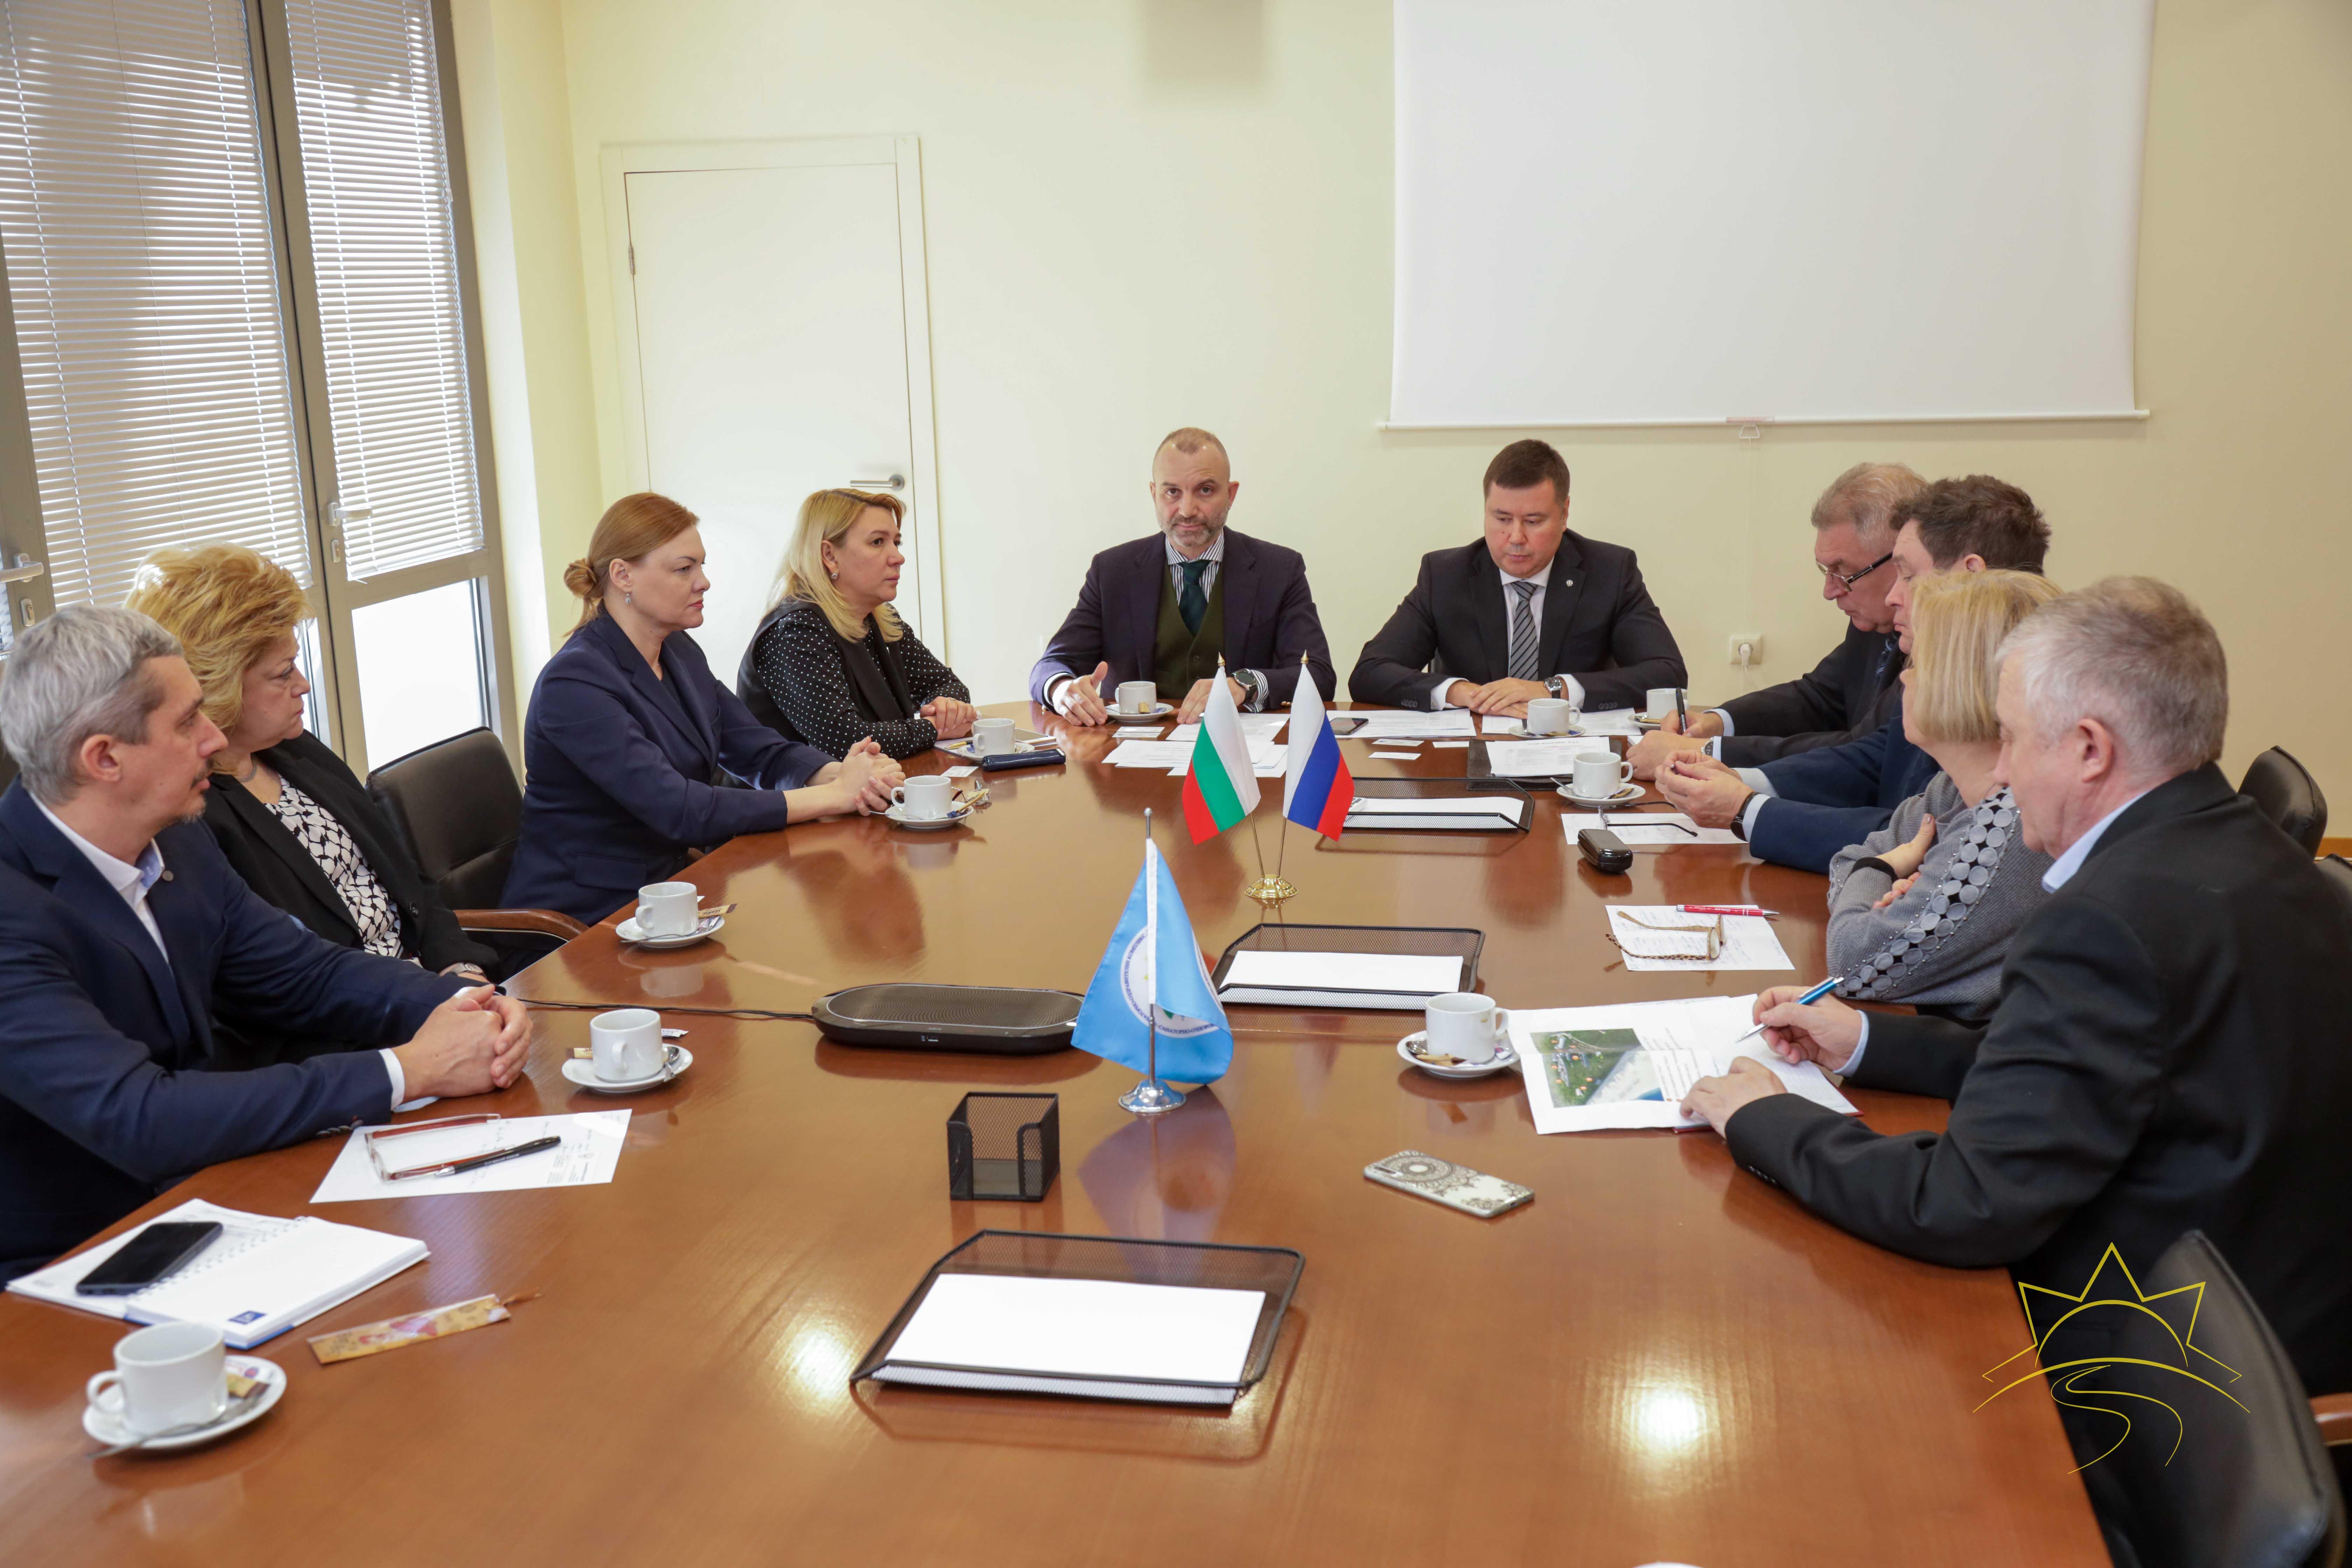 13 февраля 2020 г. в Камчии прошла официальная встреча представителей Дипломатических служб РФ и Россотрудничества с руководством Комплекса